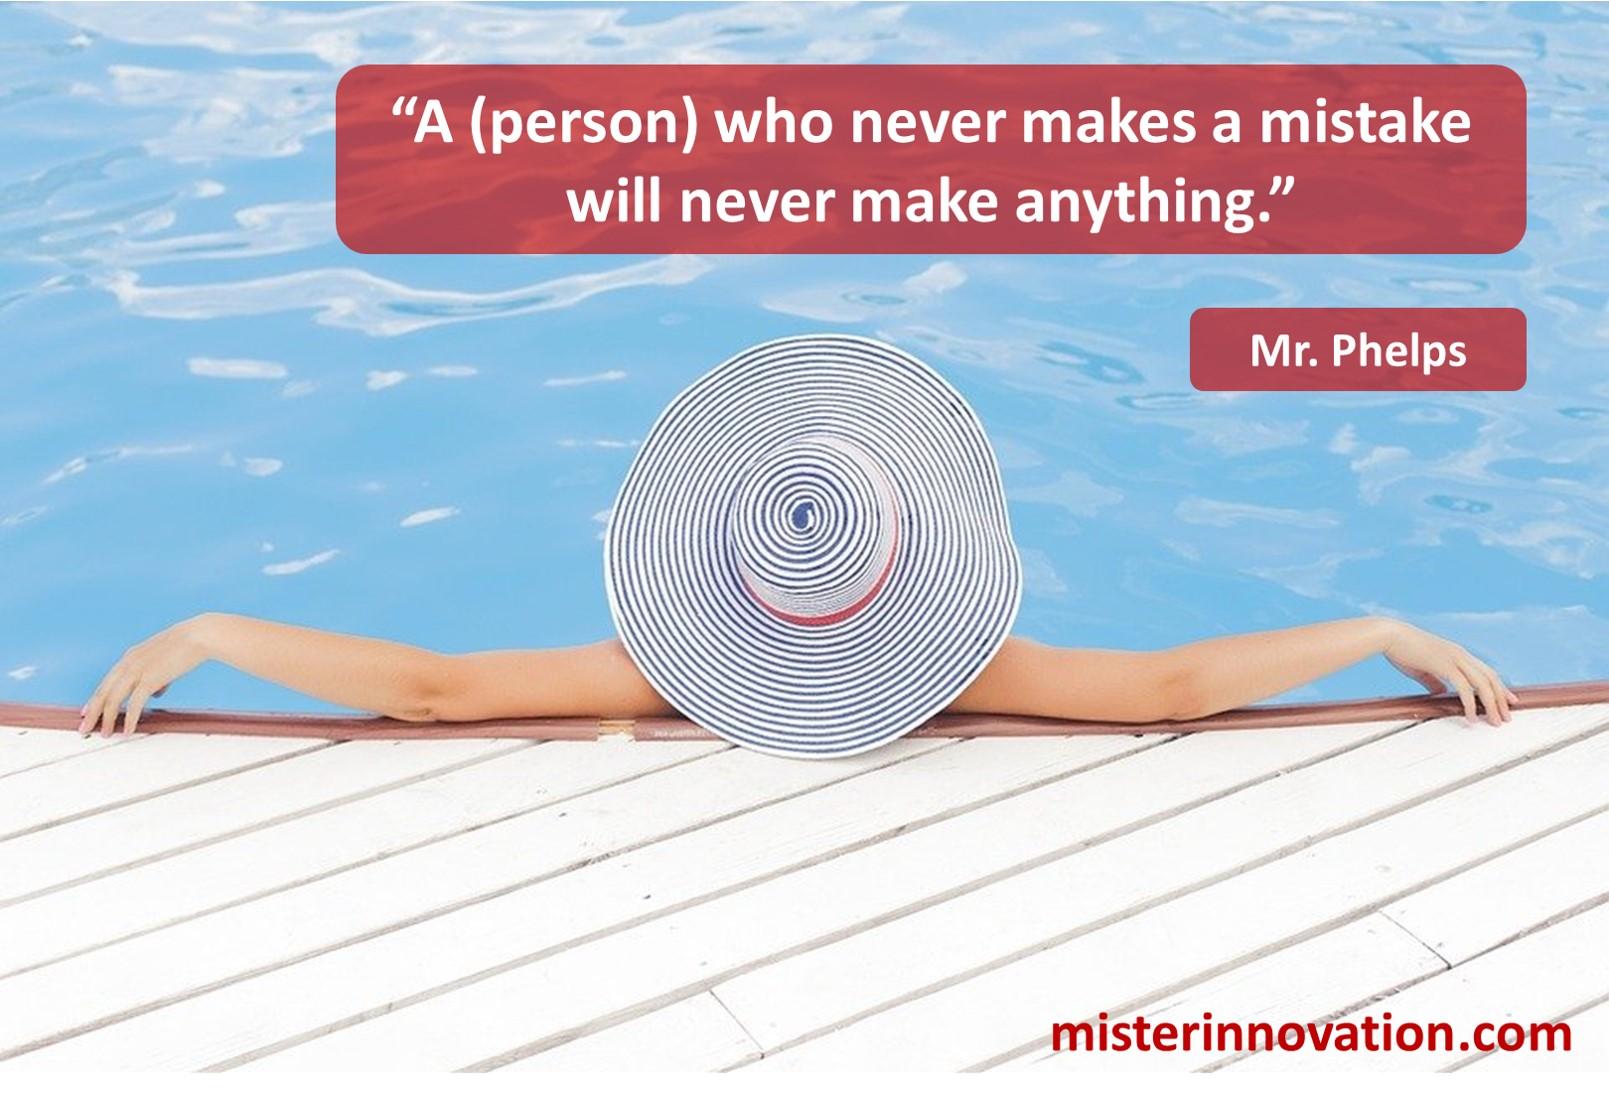 Mr Phelps